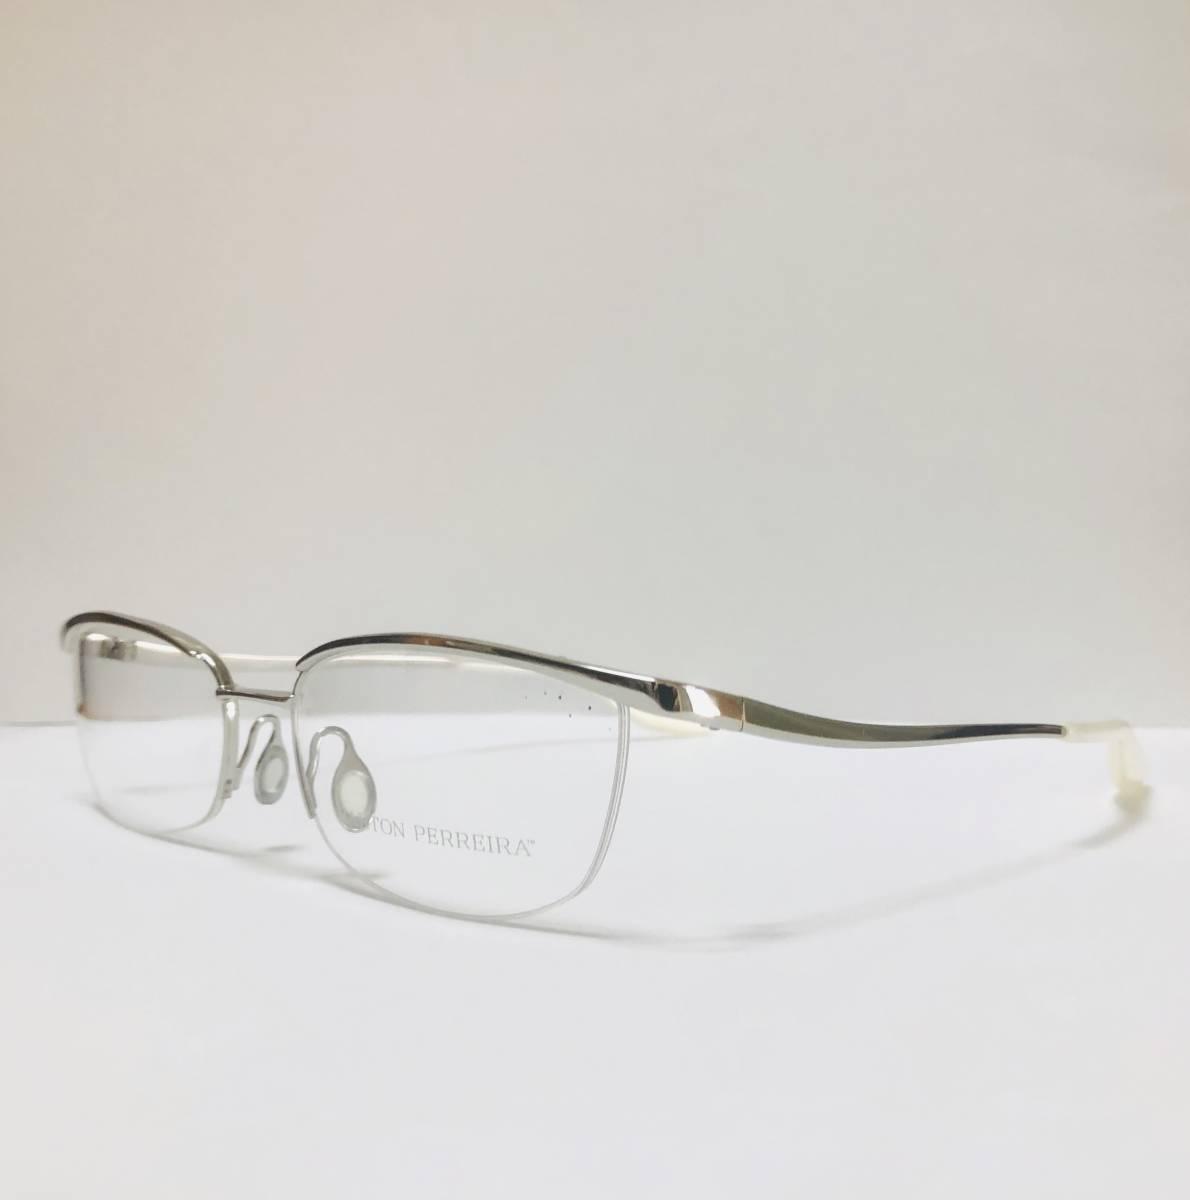 定価85800円 新品) 上流階級 バートンペレイラ ミア Barton Perreira 極上品 純正メガネ 付属品付き 日本製 米国ブランド_画像3